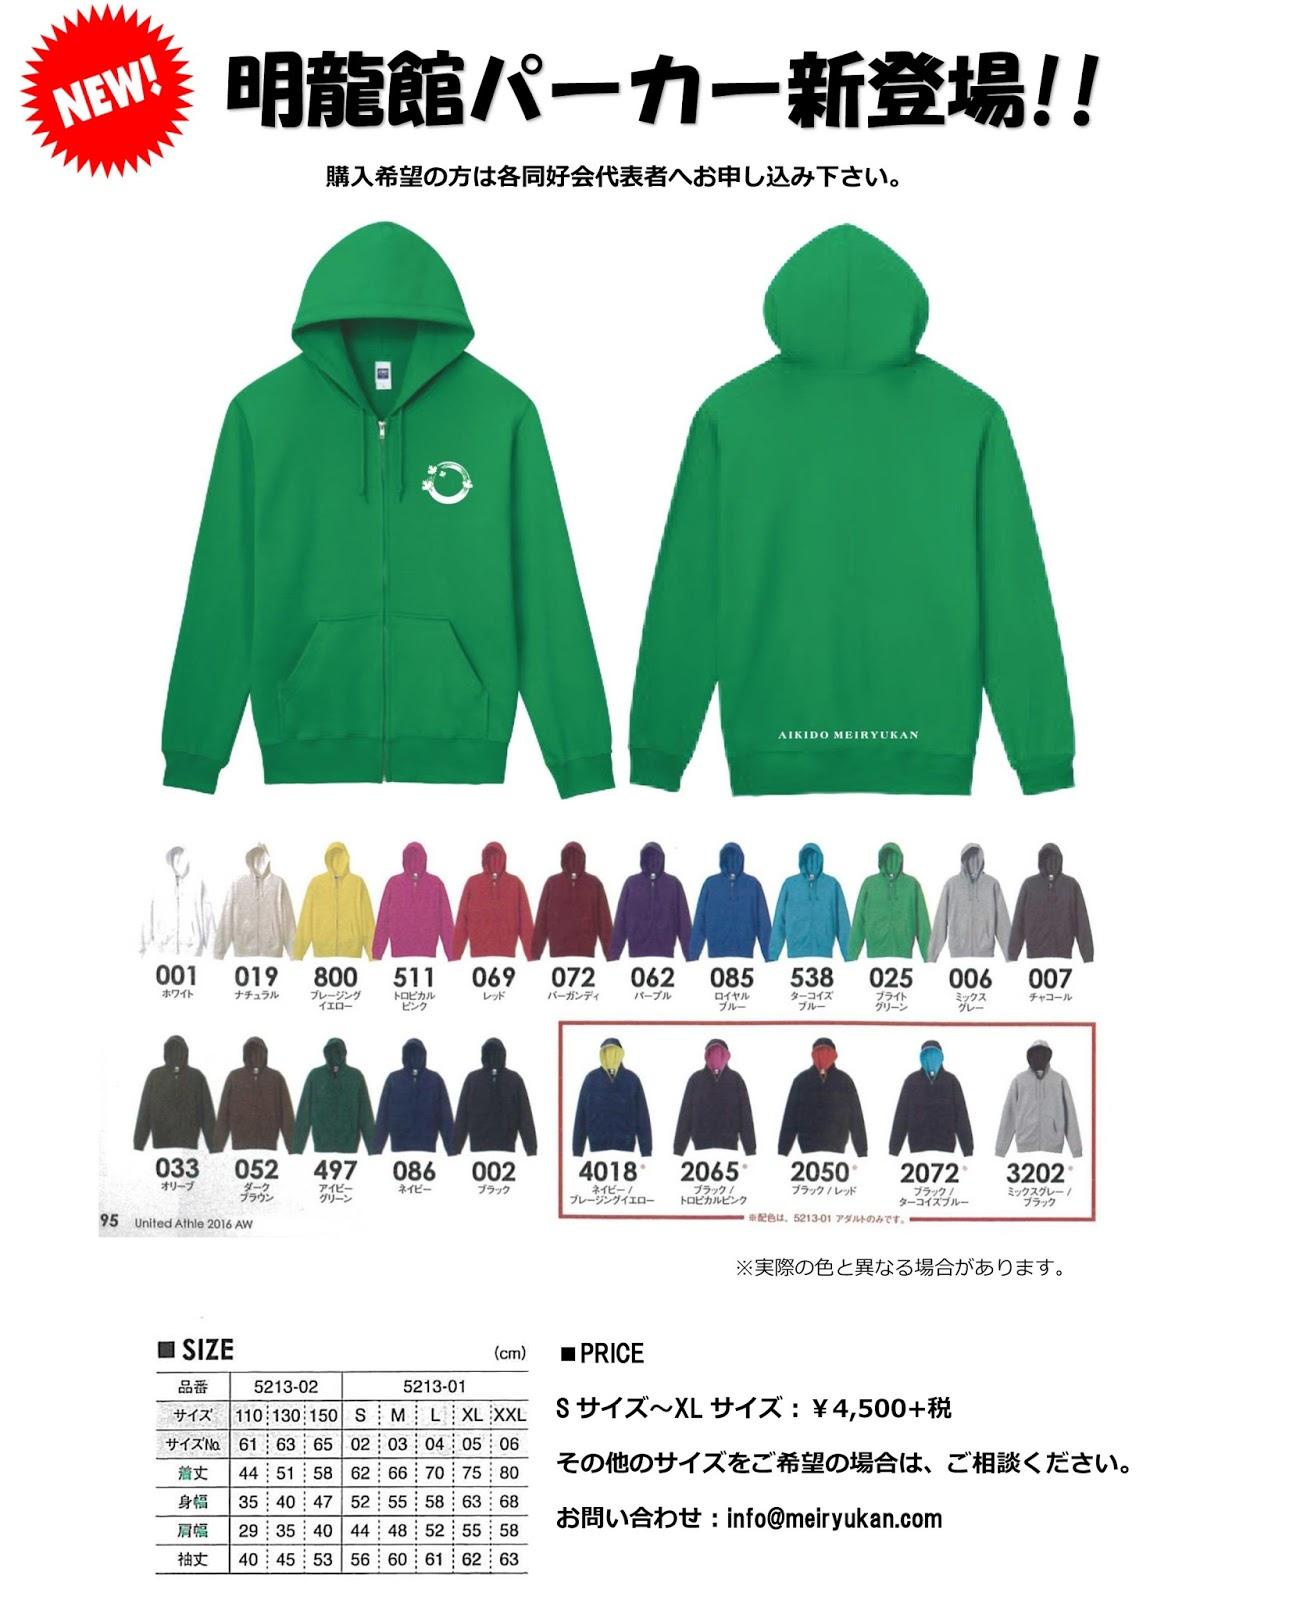 Meiryukan hoodies!